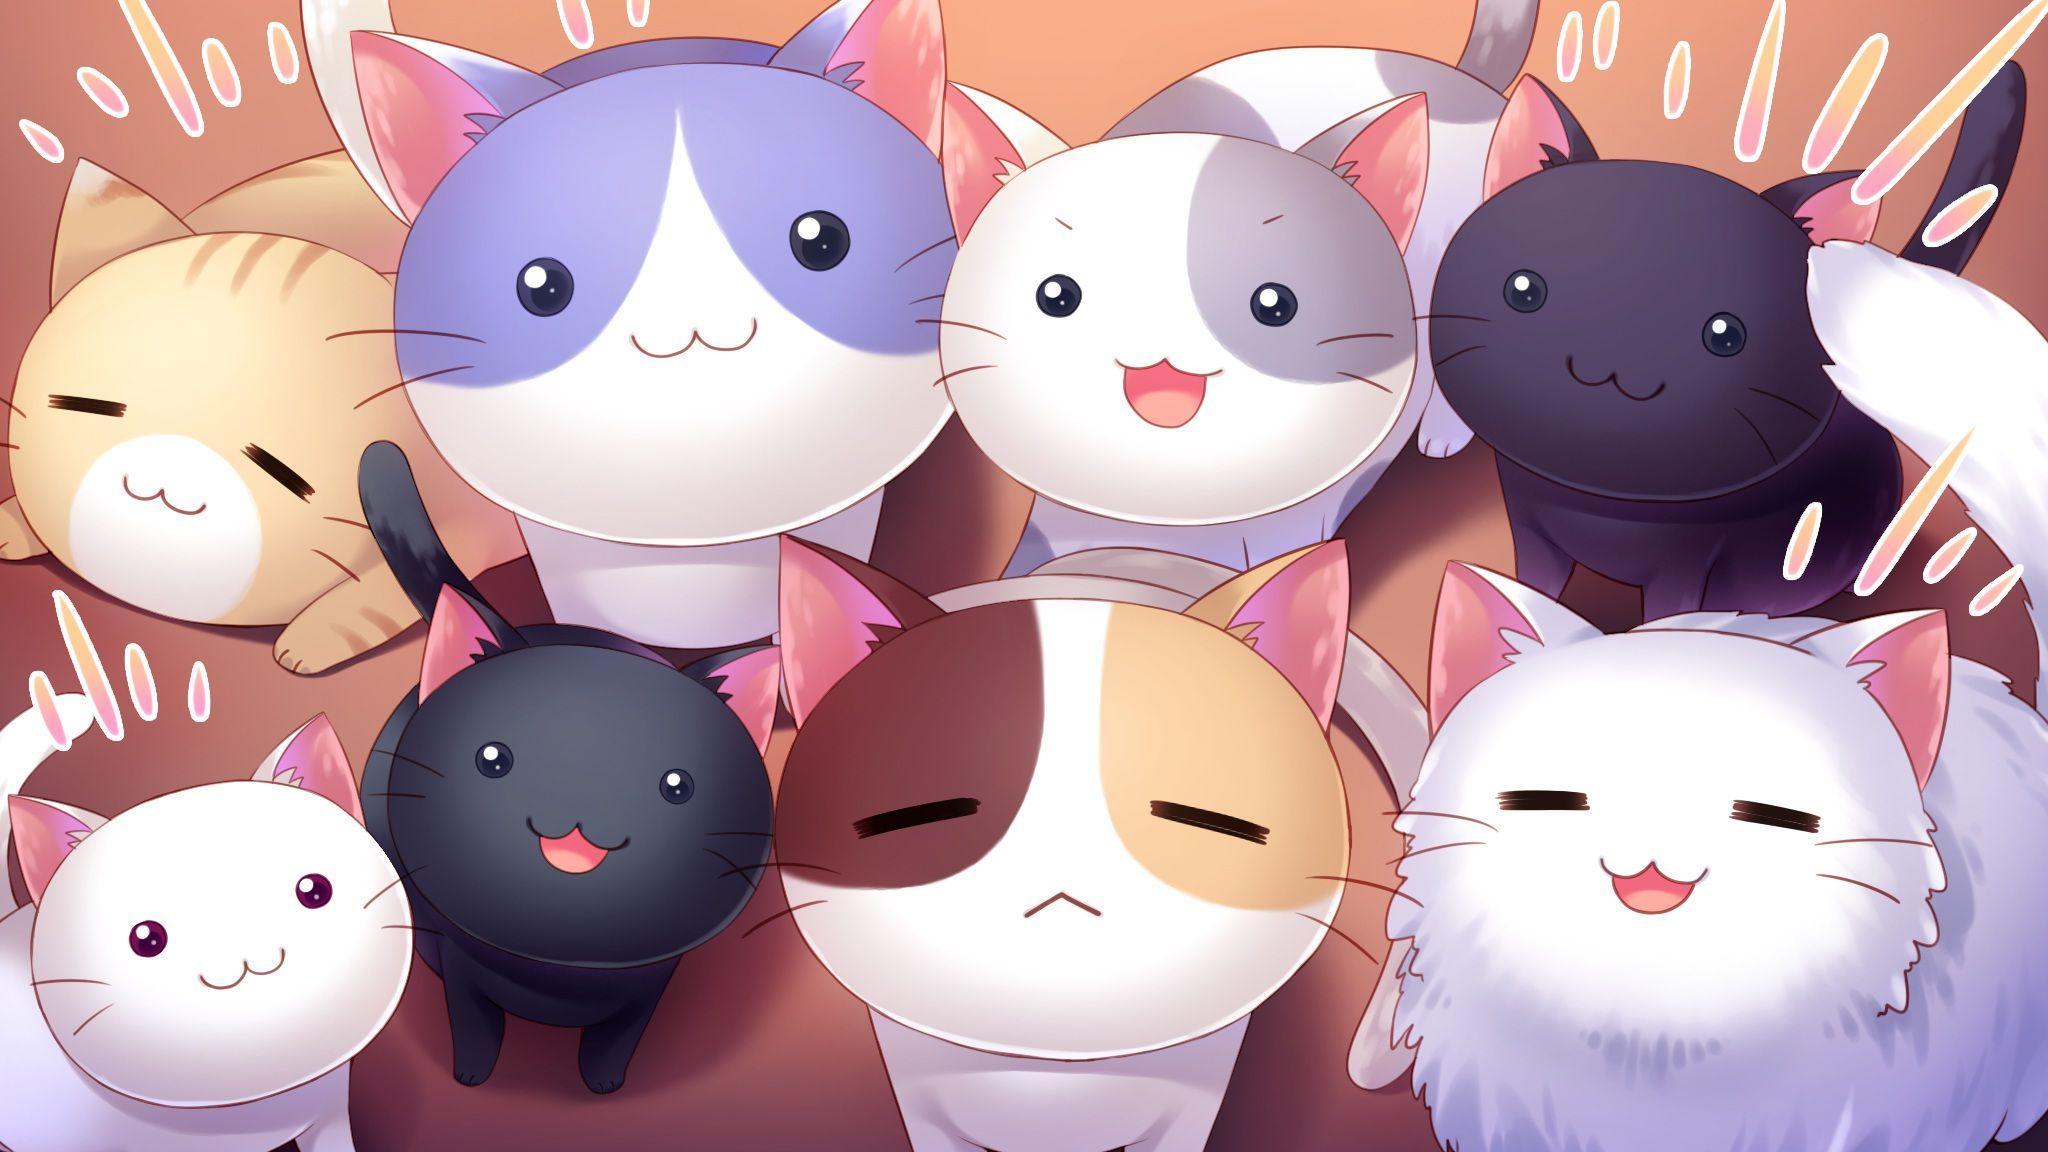 Kawaii Cat Wallpapers Top Free Kawaii Cat Backgrounds